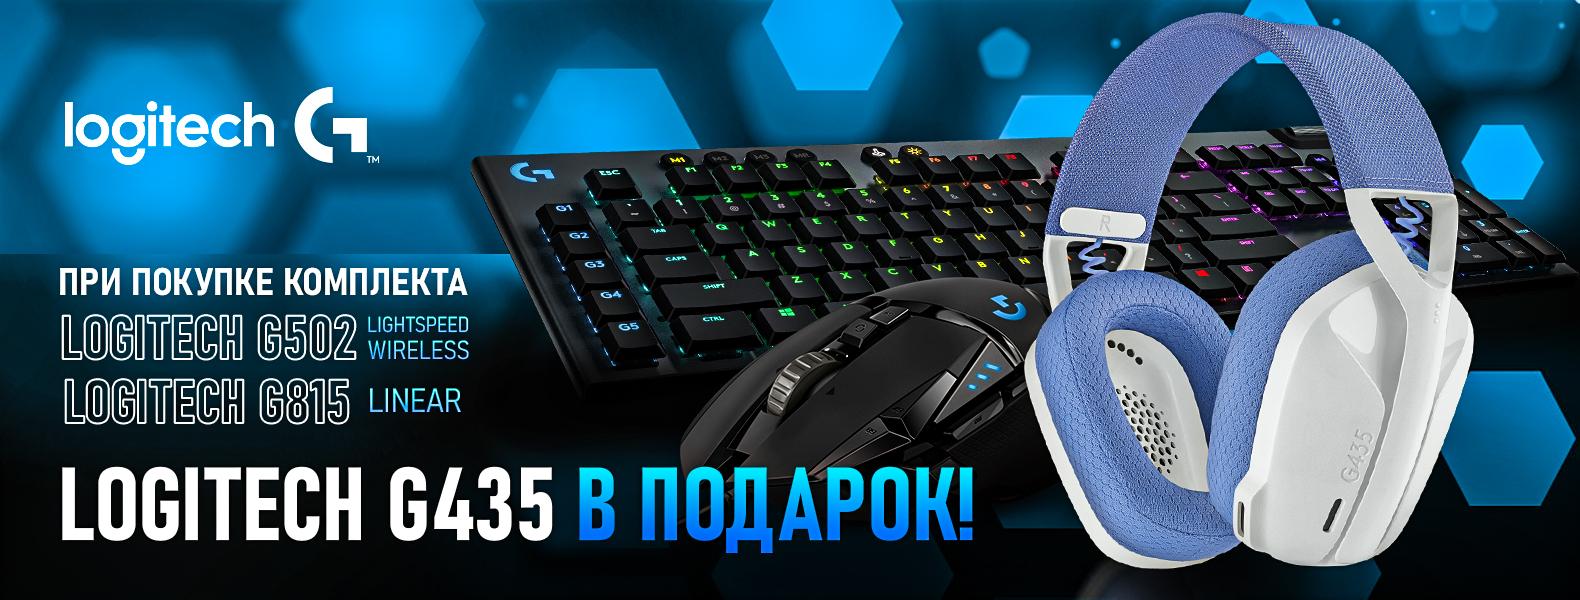 Игровая гарнитура Logitech G435 в подарок к крутому комплекту Logitech